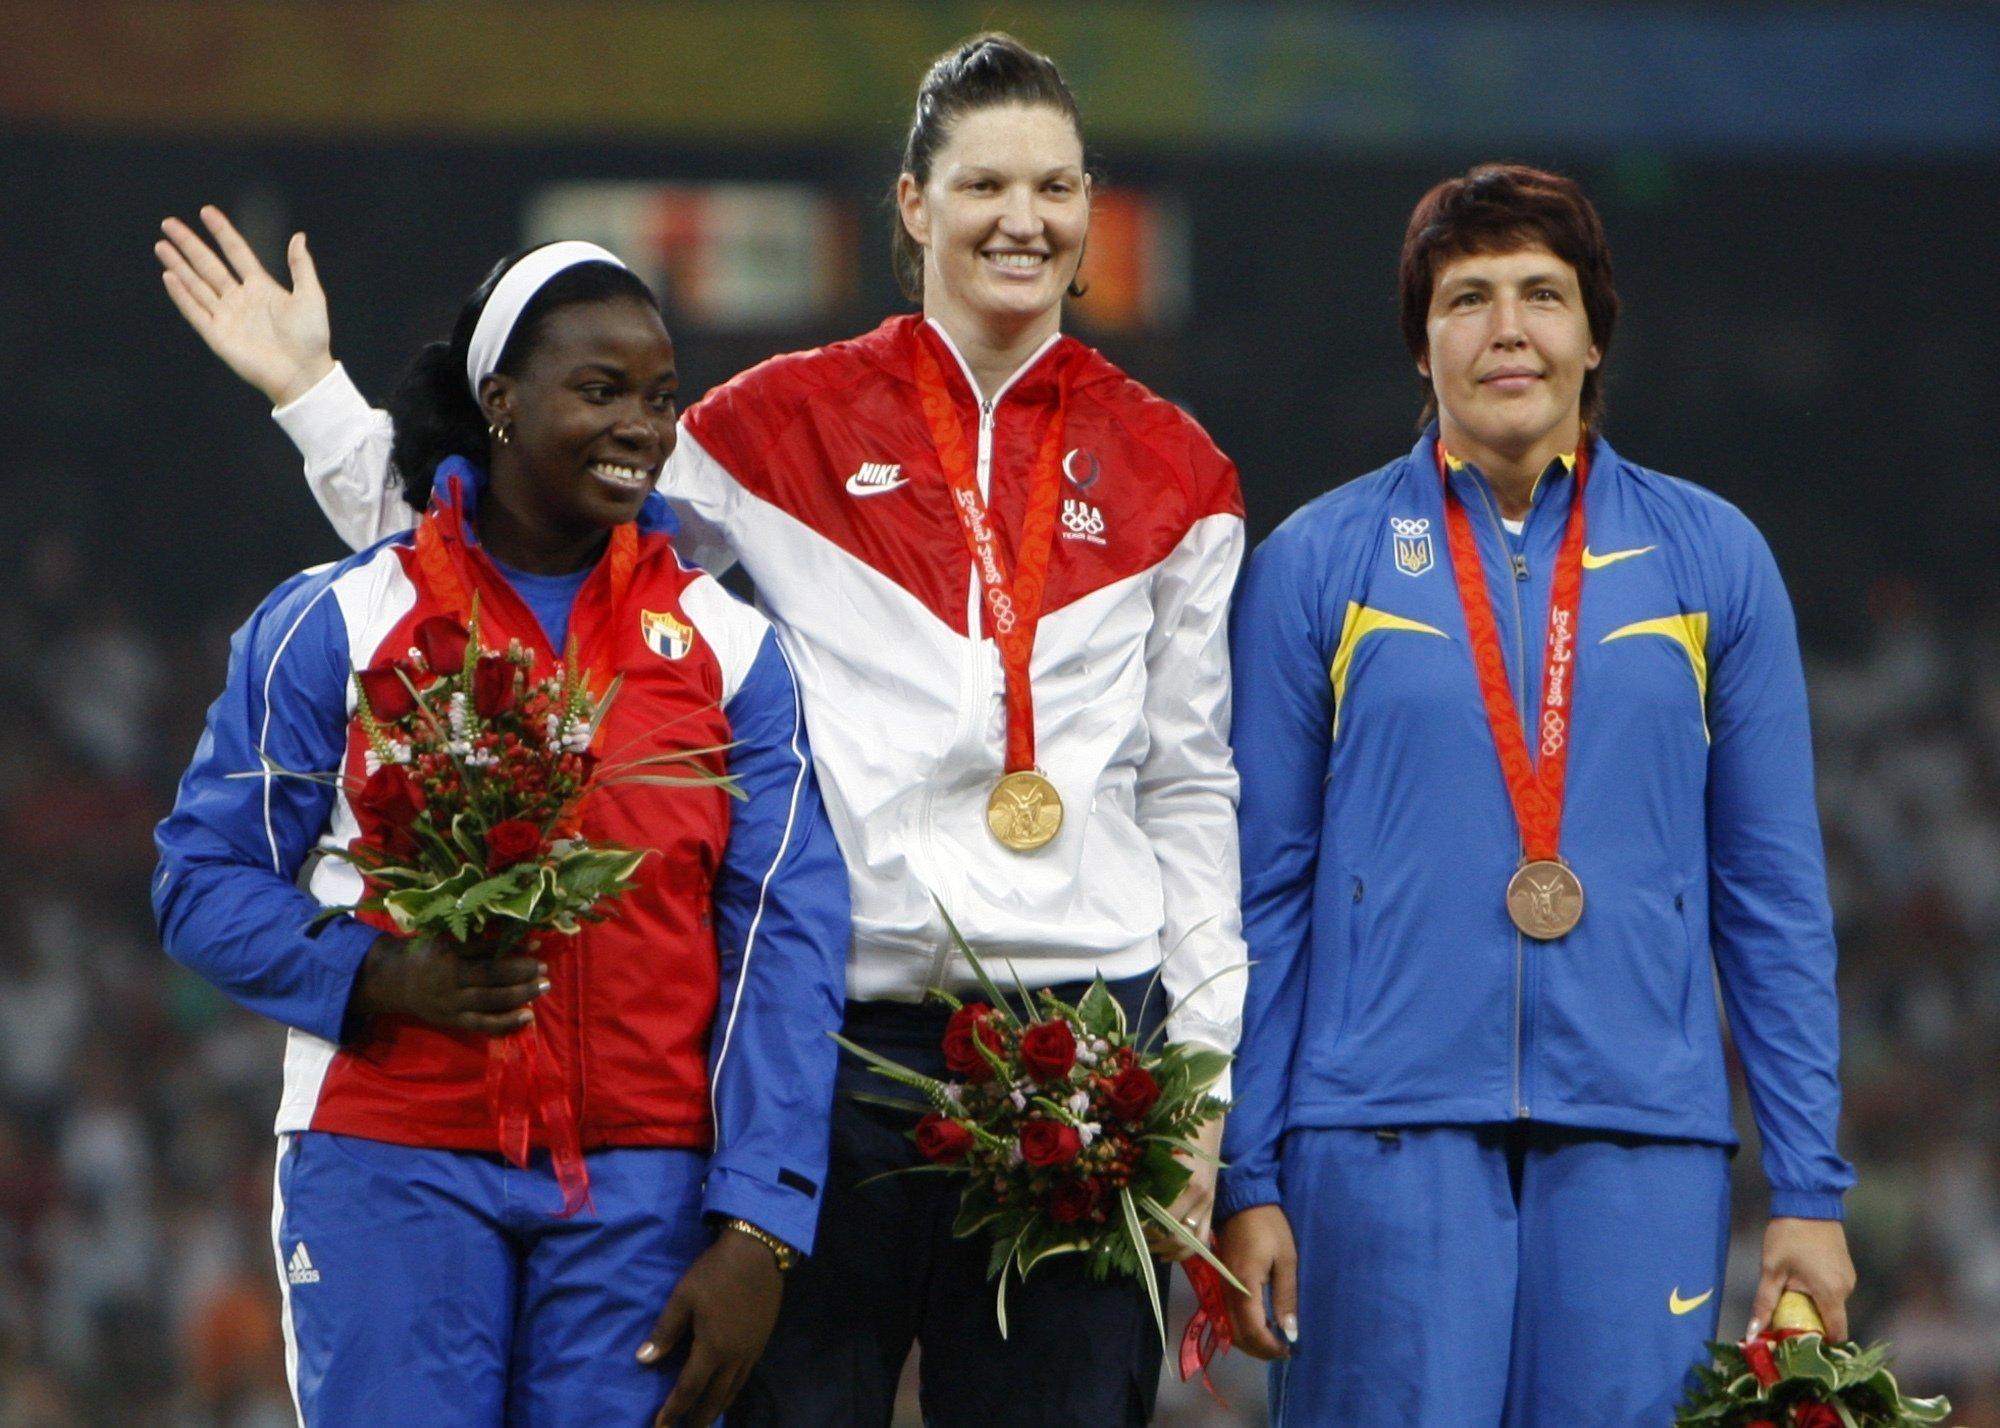 Олимпийская бронза Елены Антоновой превратилась в серебро